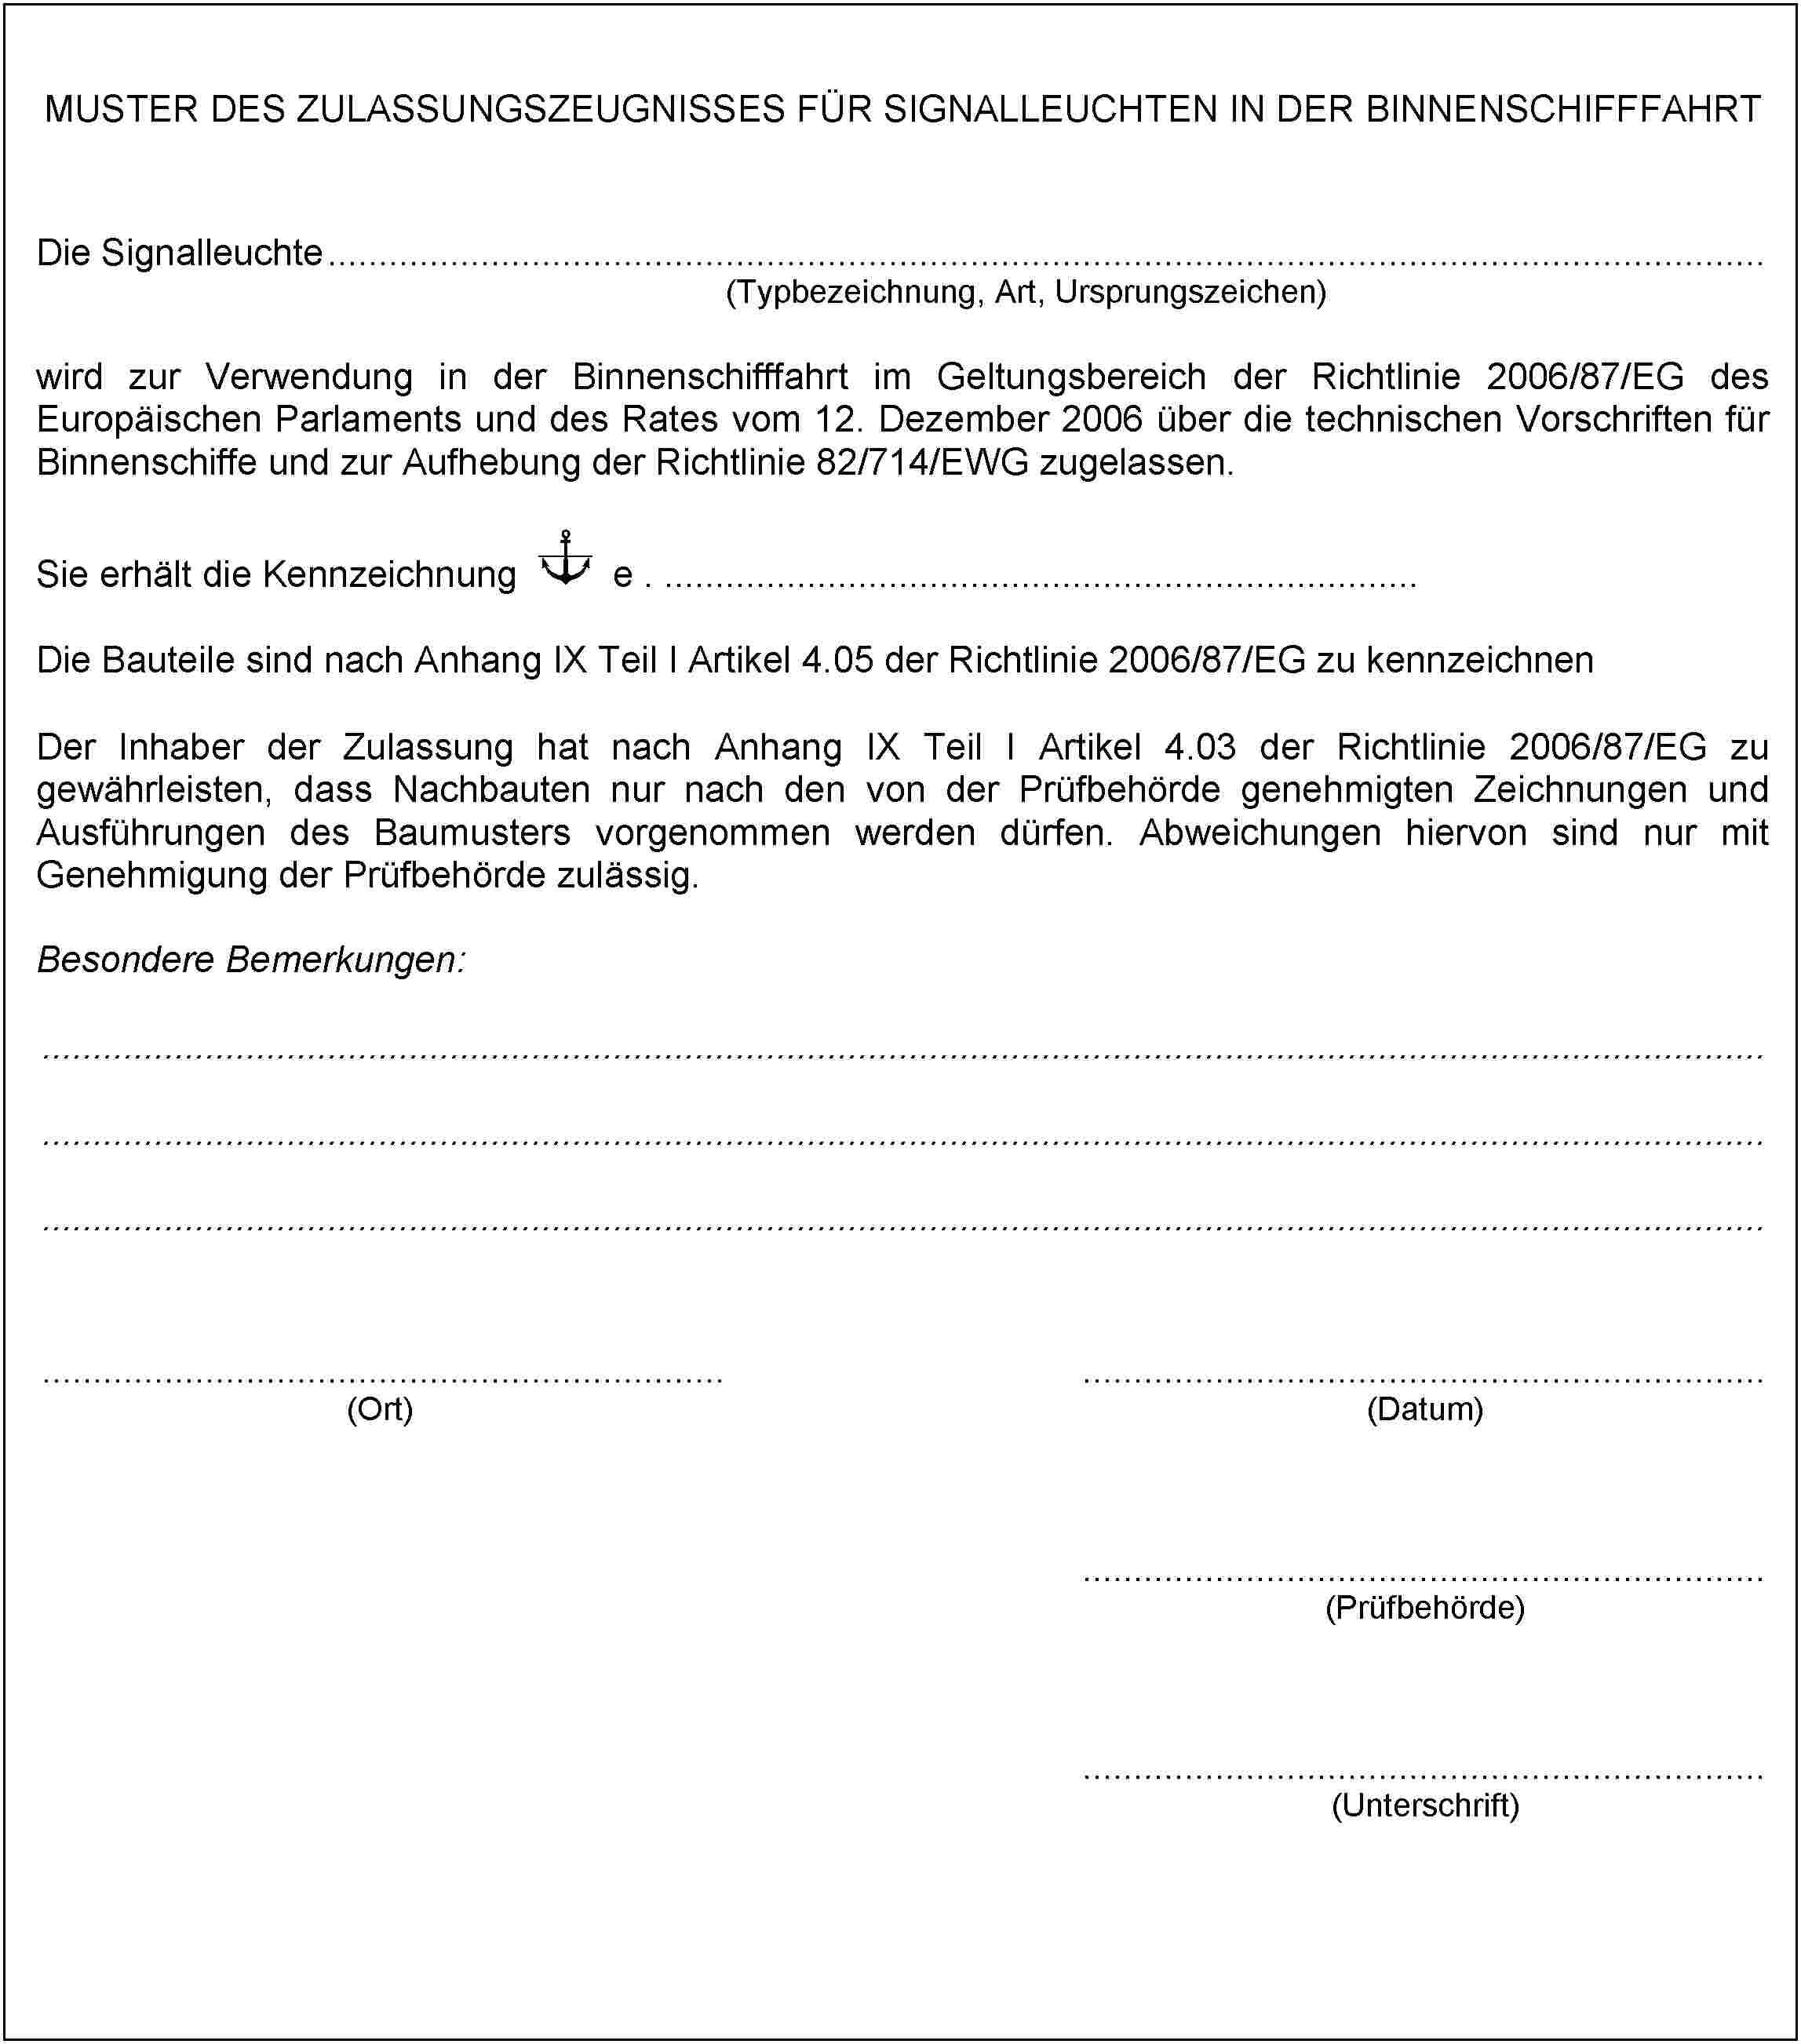 EUR-Lex - 02006L0087-20061230 - EN - EUR-Lex